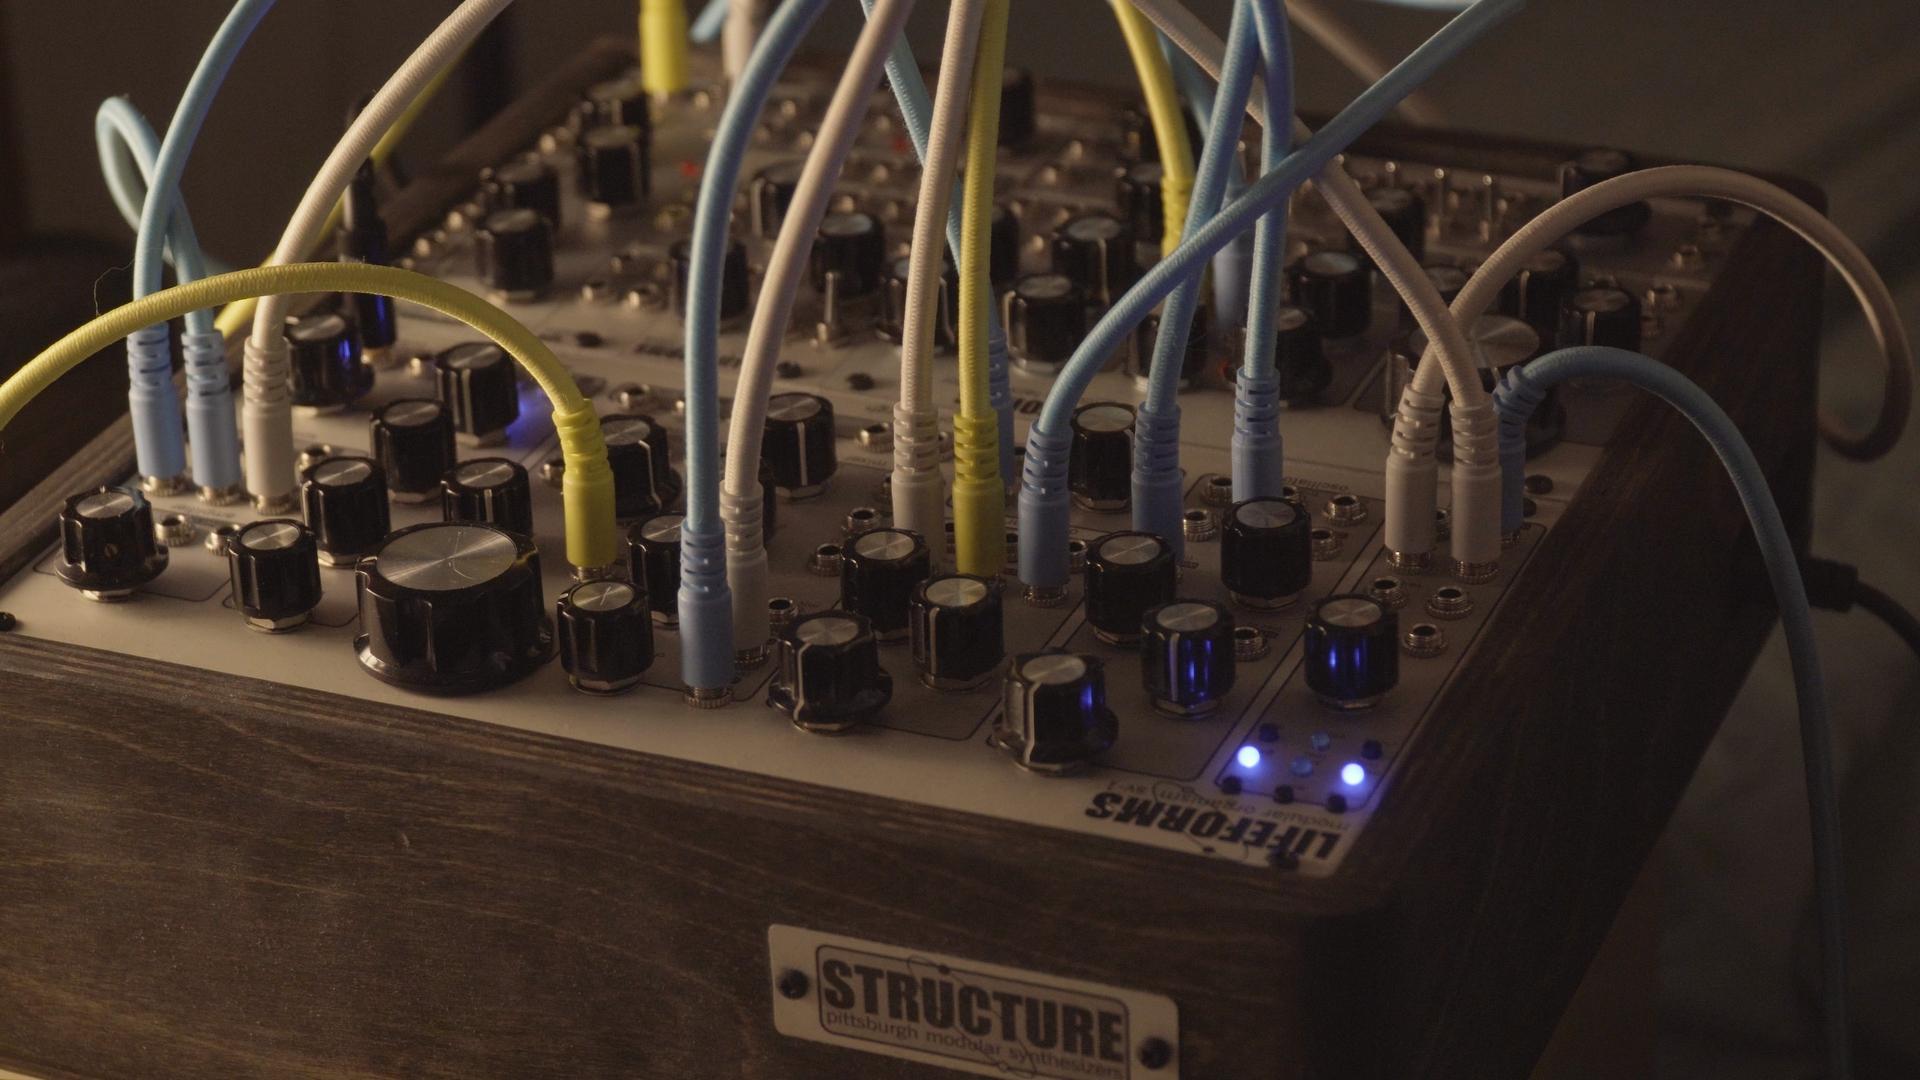 Eurorack modular based on Pittsburgh Modular Lifeforms System 101